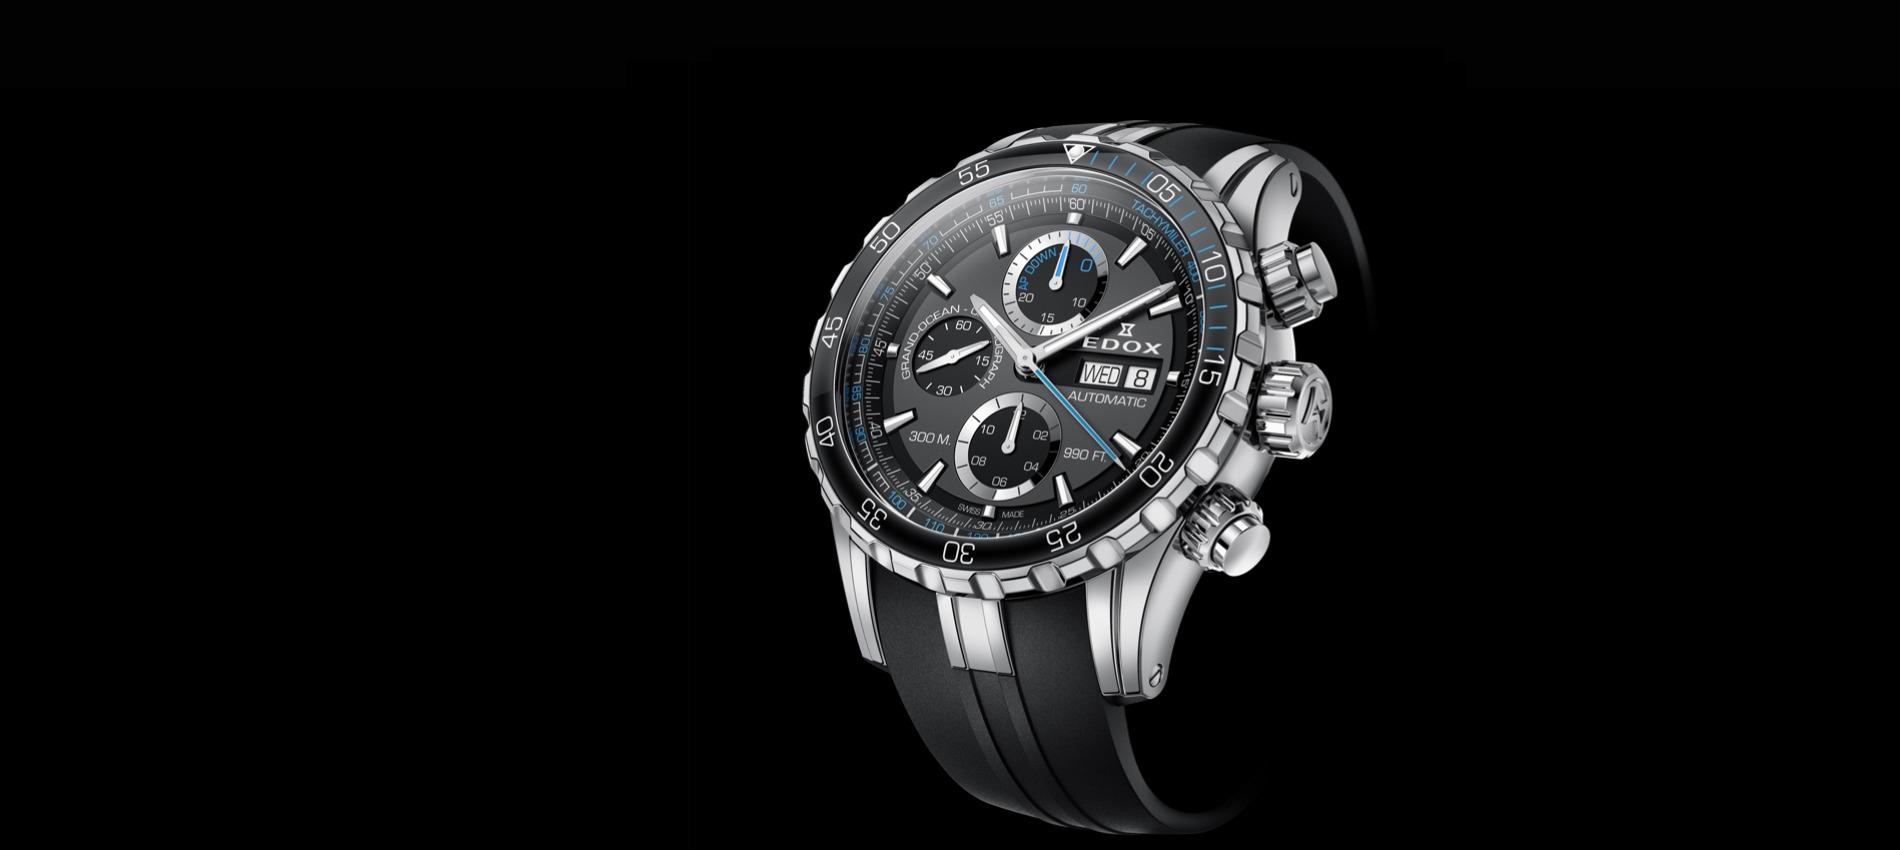 EDOX - švýcarské hodinky 10d239041a